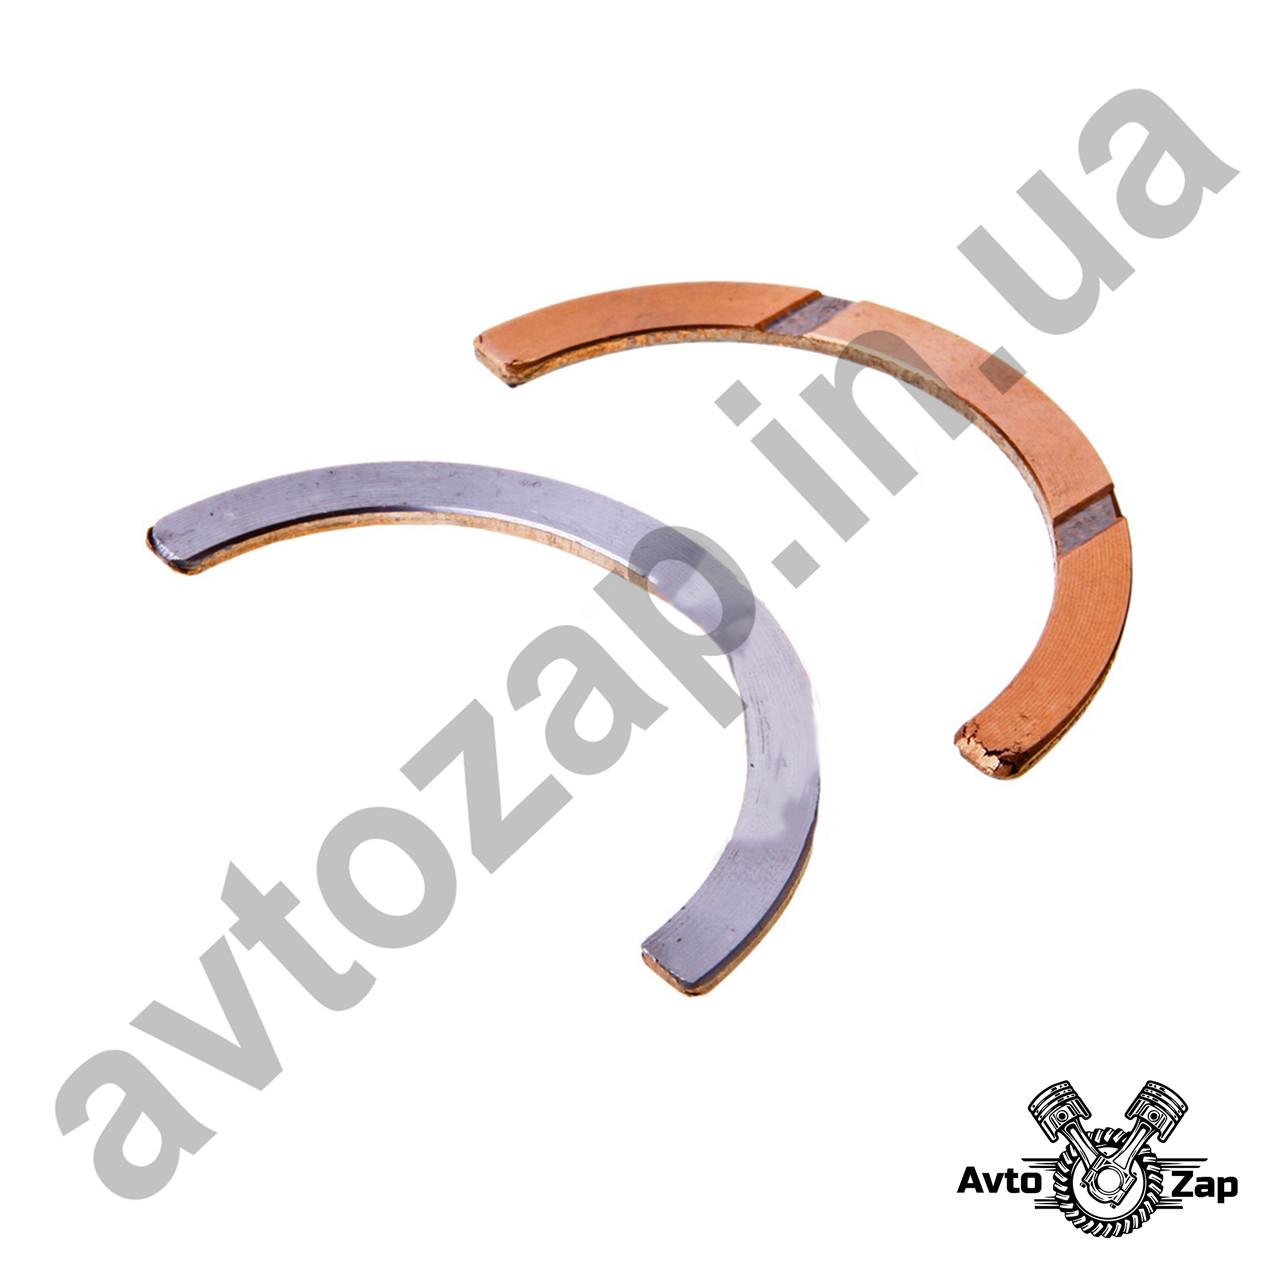 Полукольцо вала коленчатого  ВАЗ 2101-07 (Ремонт 3,5) к-т.      56349